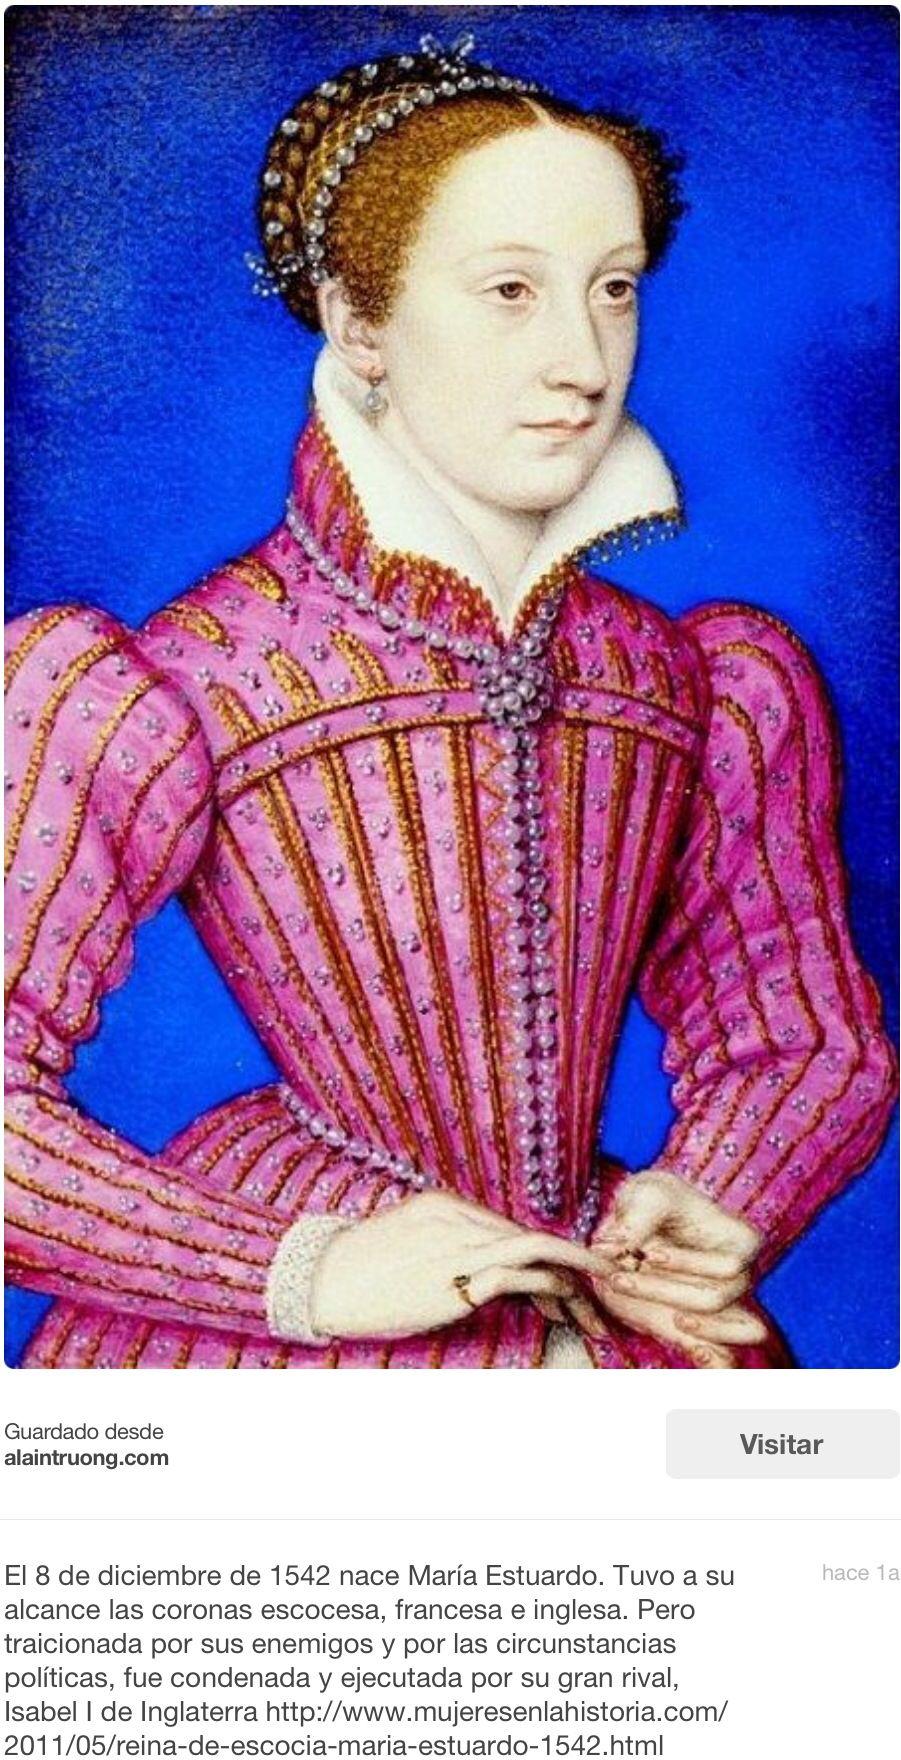 Conspiradora incorregible se mantenía en contacto con los enemigos de  Isabel, dentro y fuera del reino. Más tarde, enferma, marchita y ya sin  admiradores ...